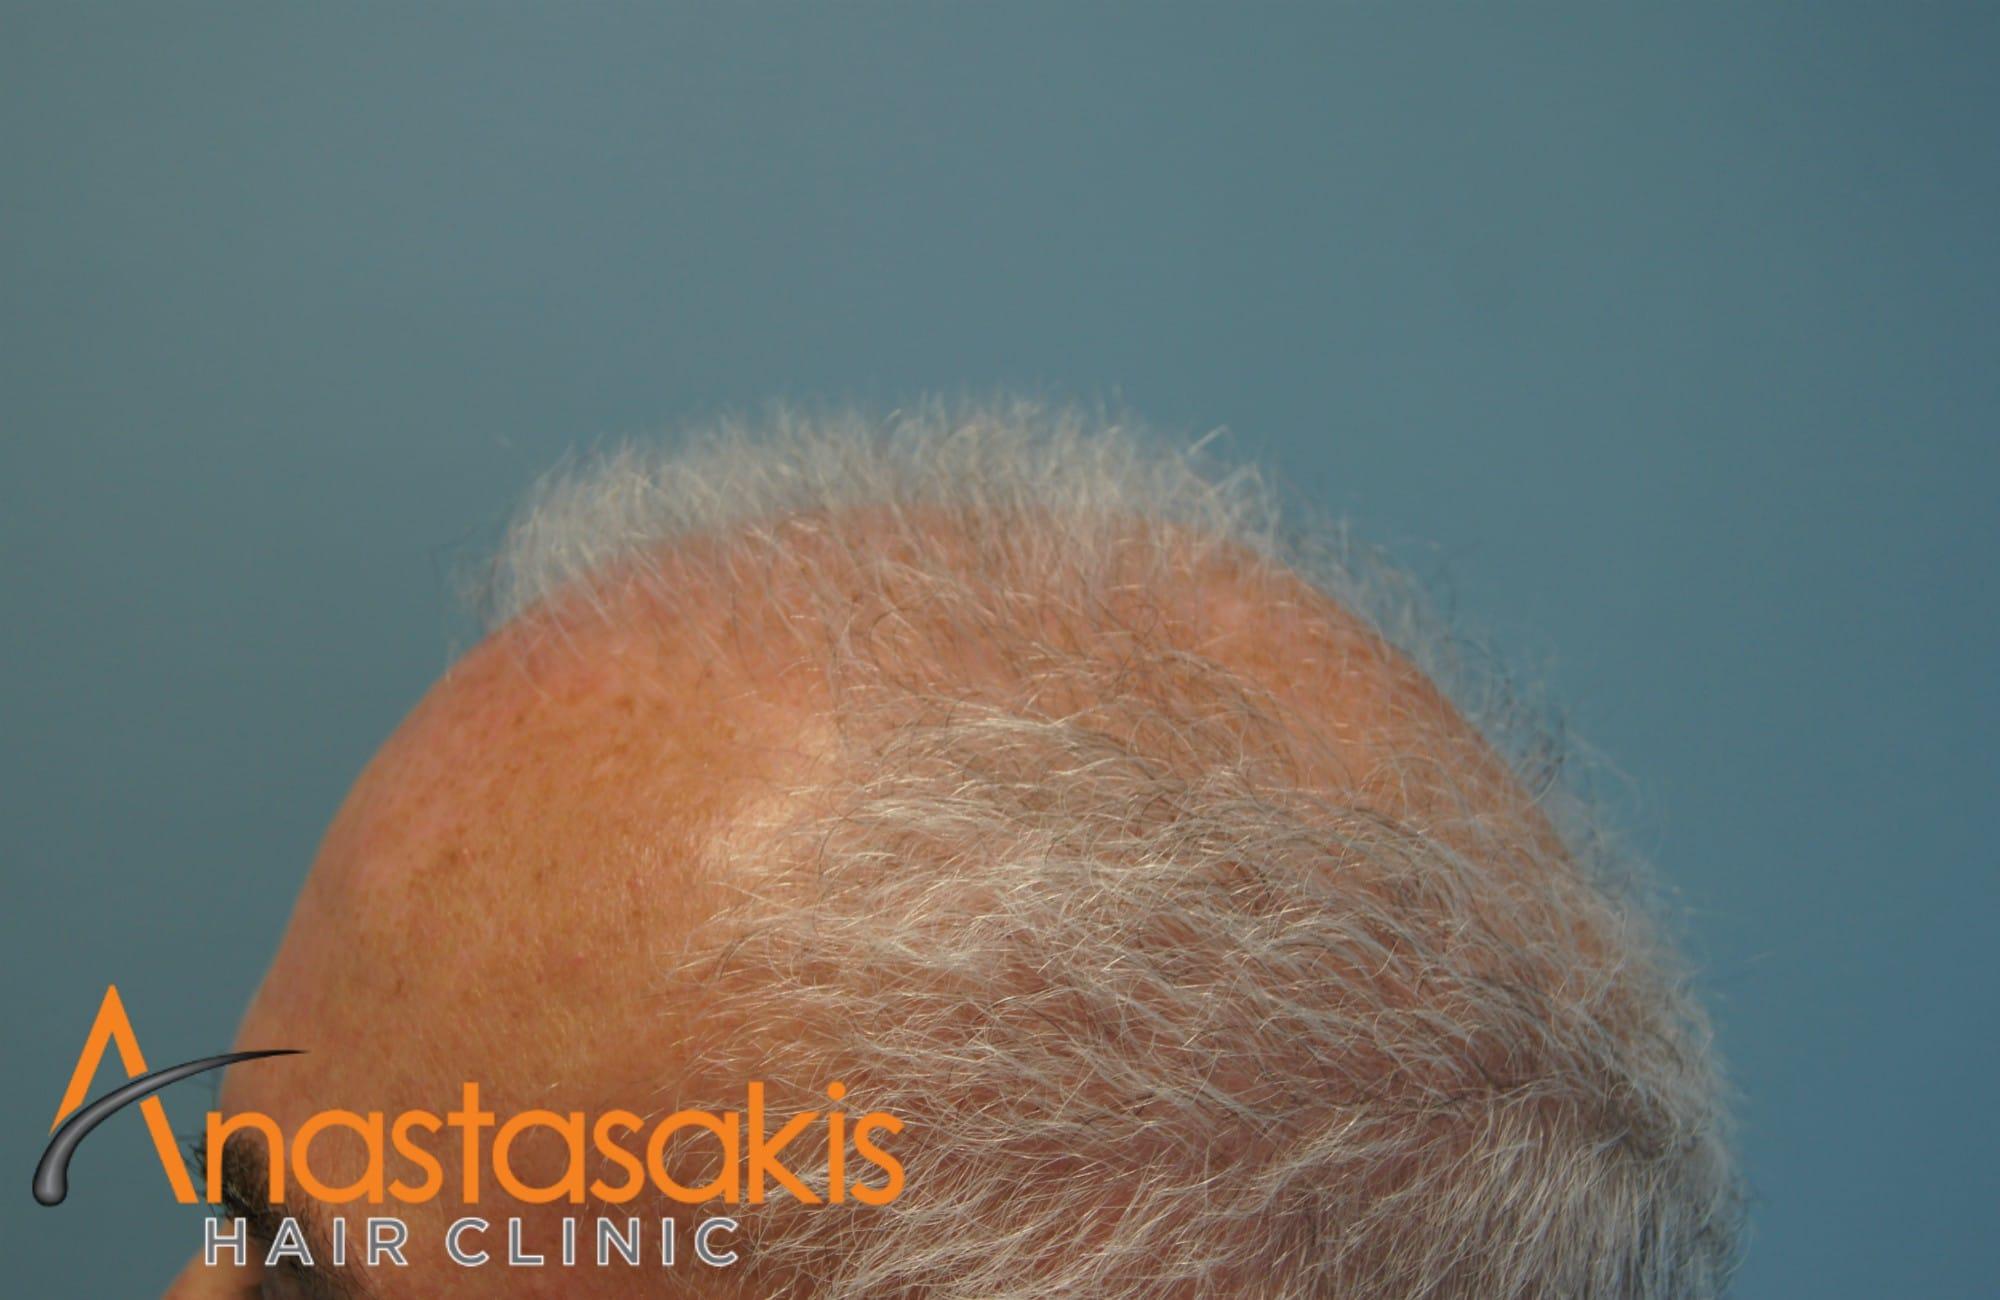 δεξί προφίλ ασθενη πριν την εμφύτευση μαλλιών με 3500 fus